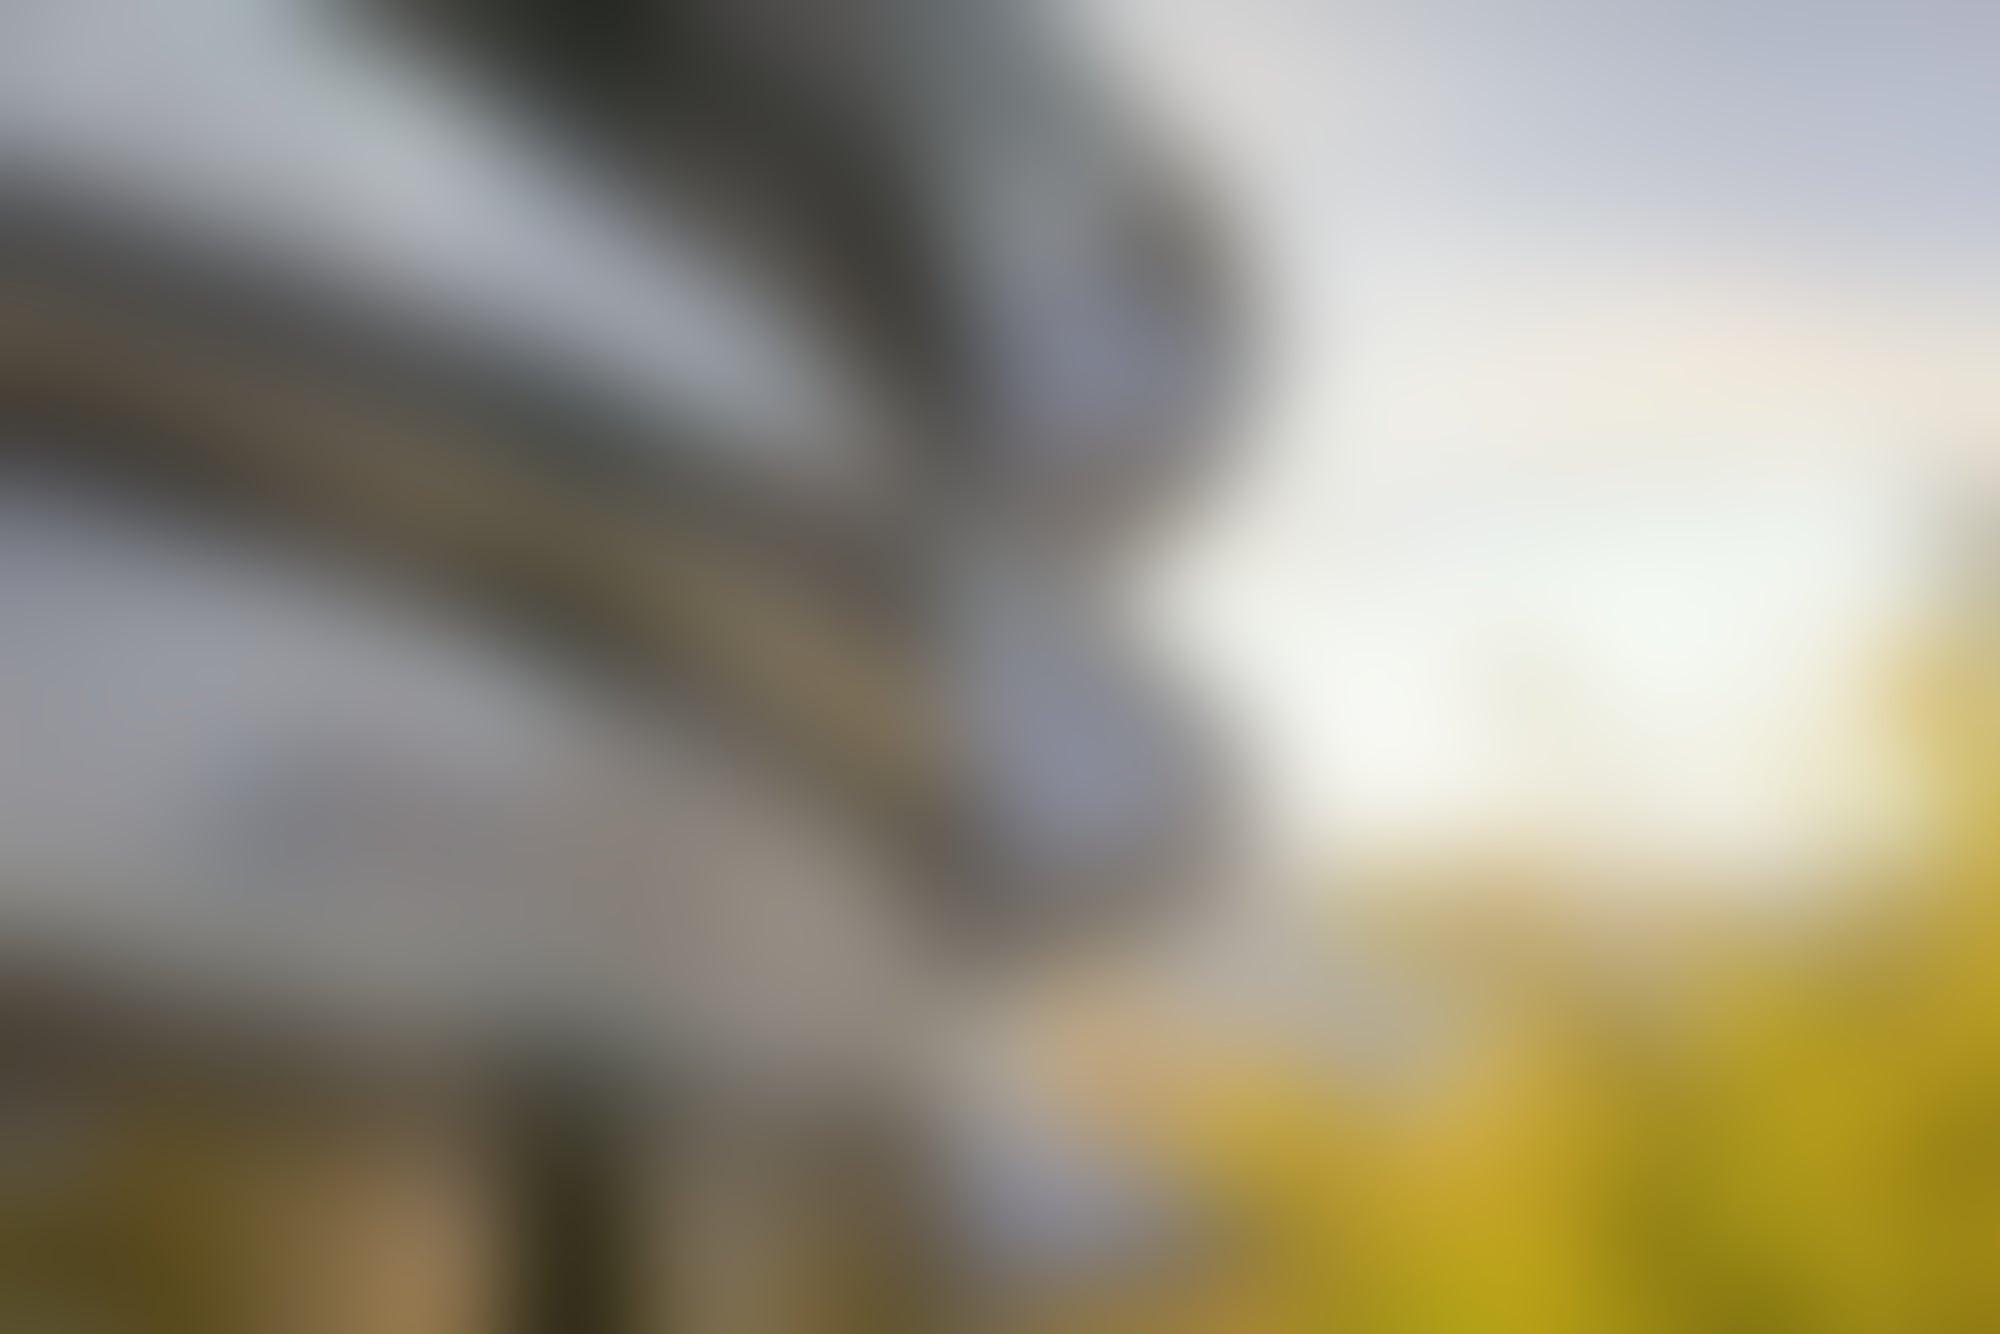 Por qué la gente se estrella en los vidrios del nuevo cuartel de Apple